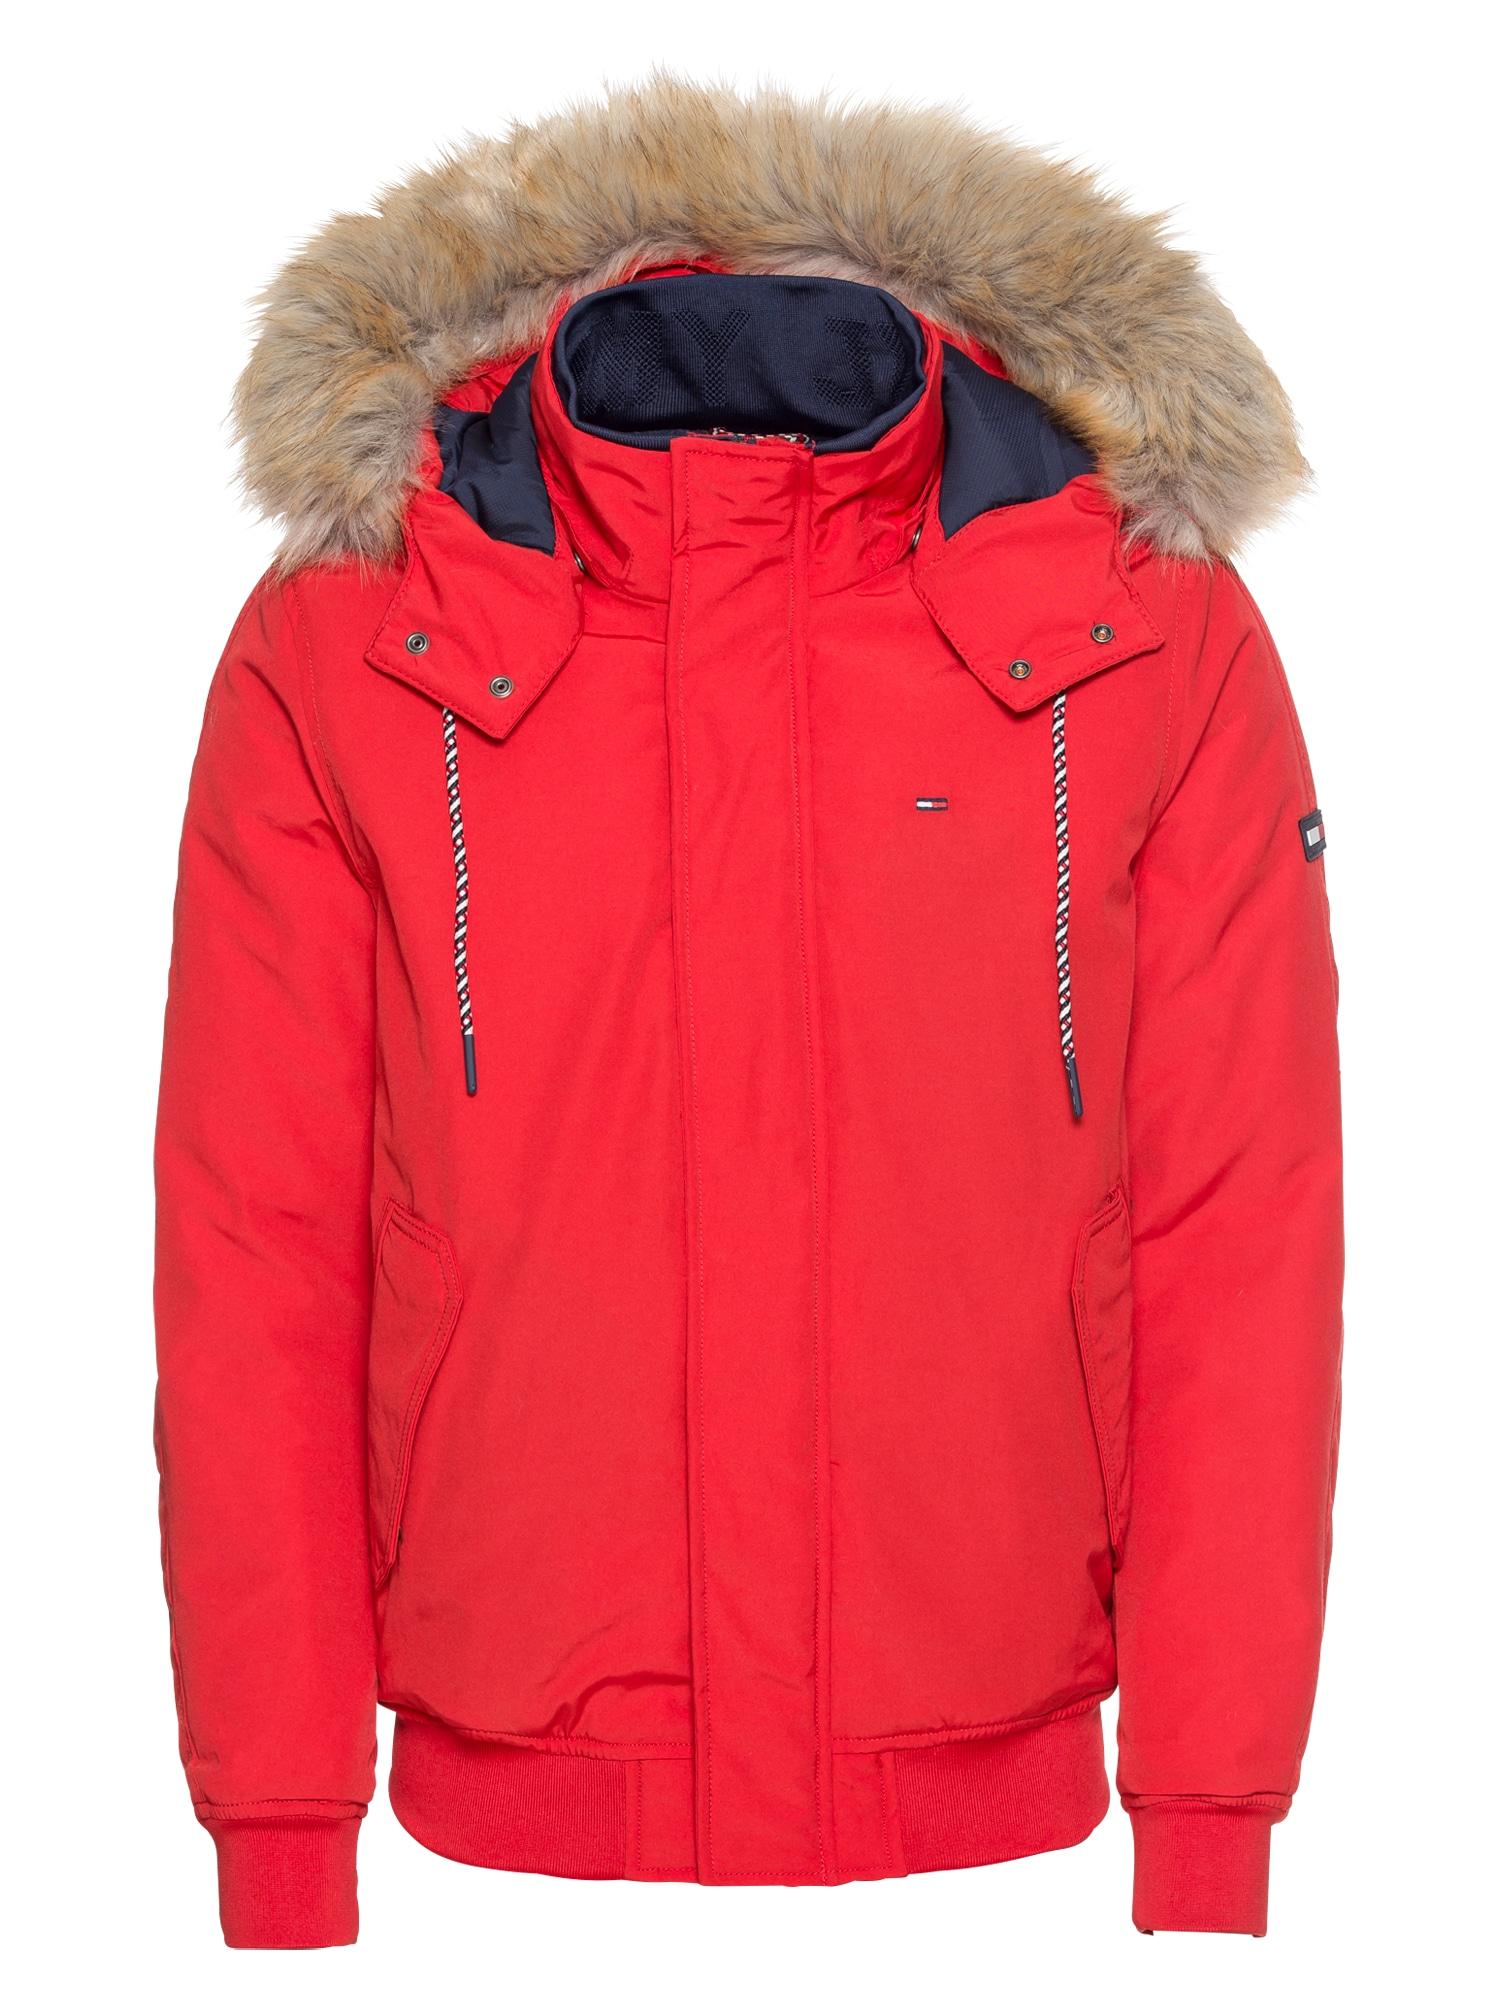 Zimní bunda TJM TECHNICAL BOMBER červená Tommy Jeans